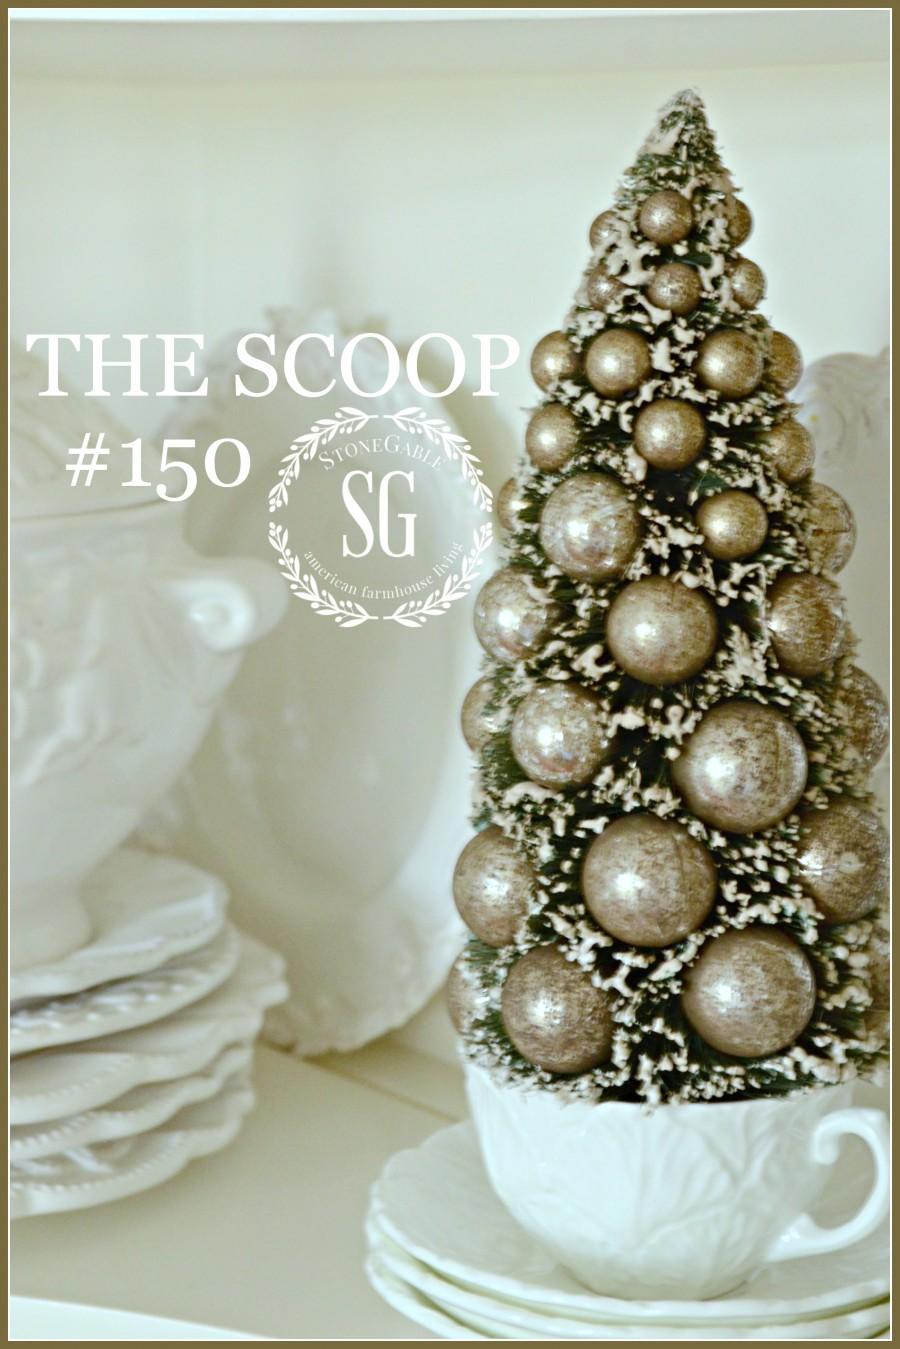 THE SCOOP #150